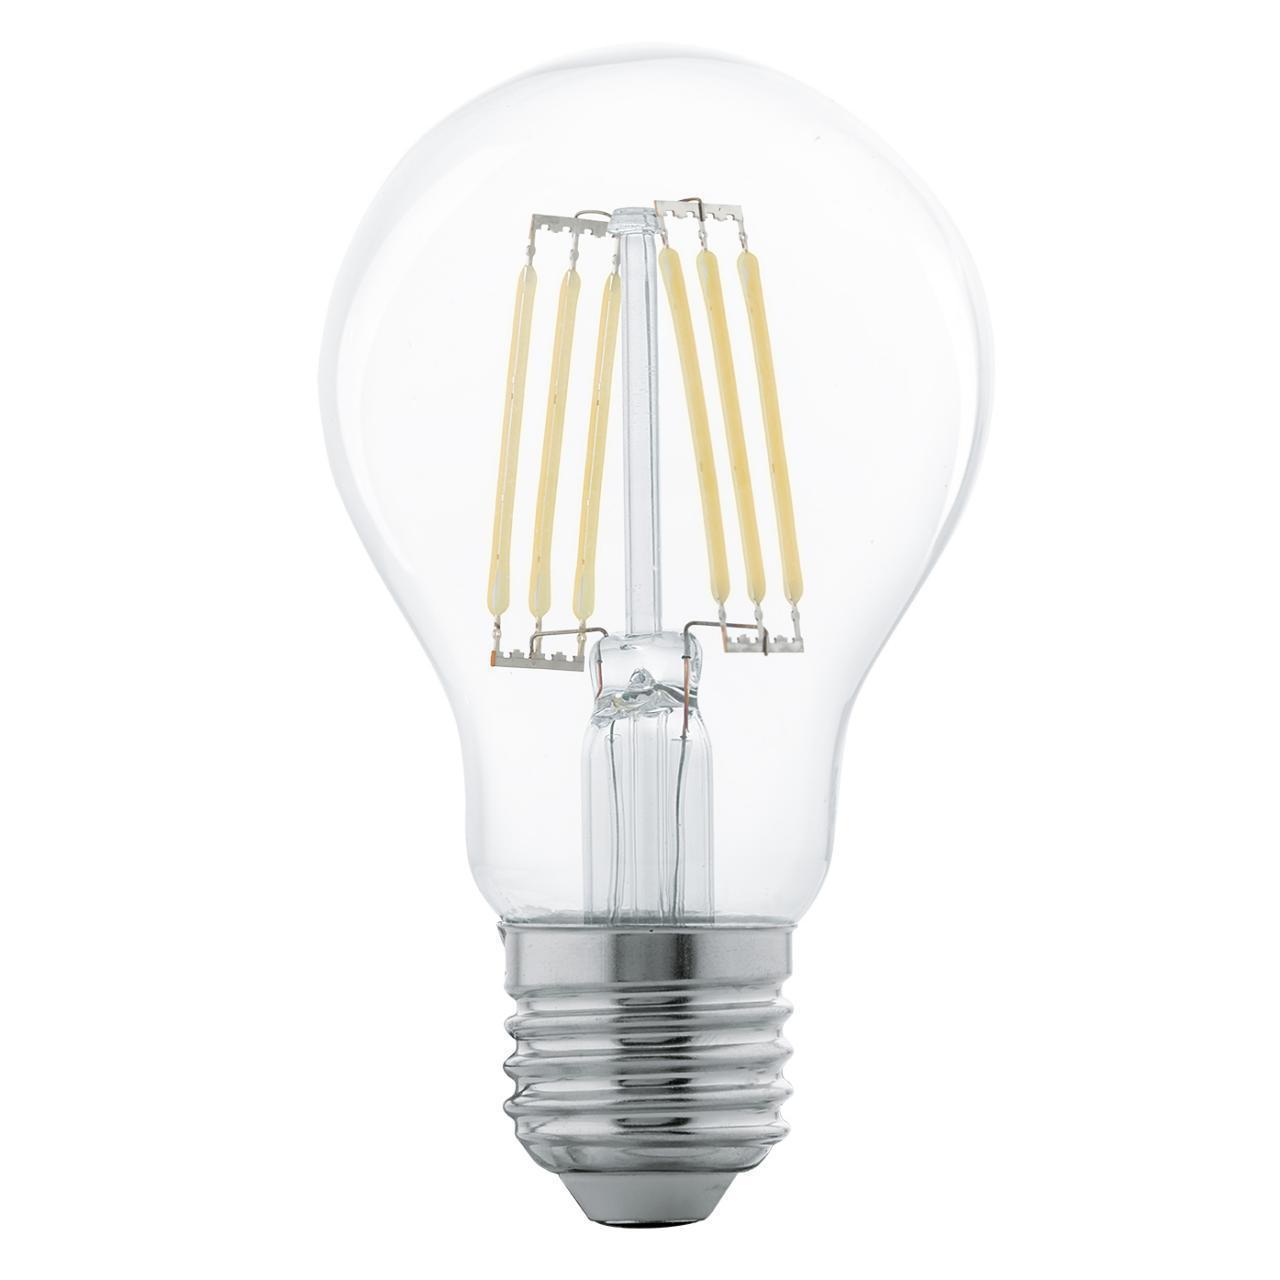 Лампа светодиодная филаментная E27 6W 2700К прозрачная 11501 lo 11501